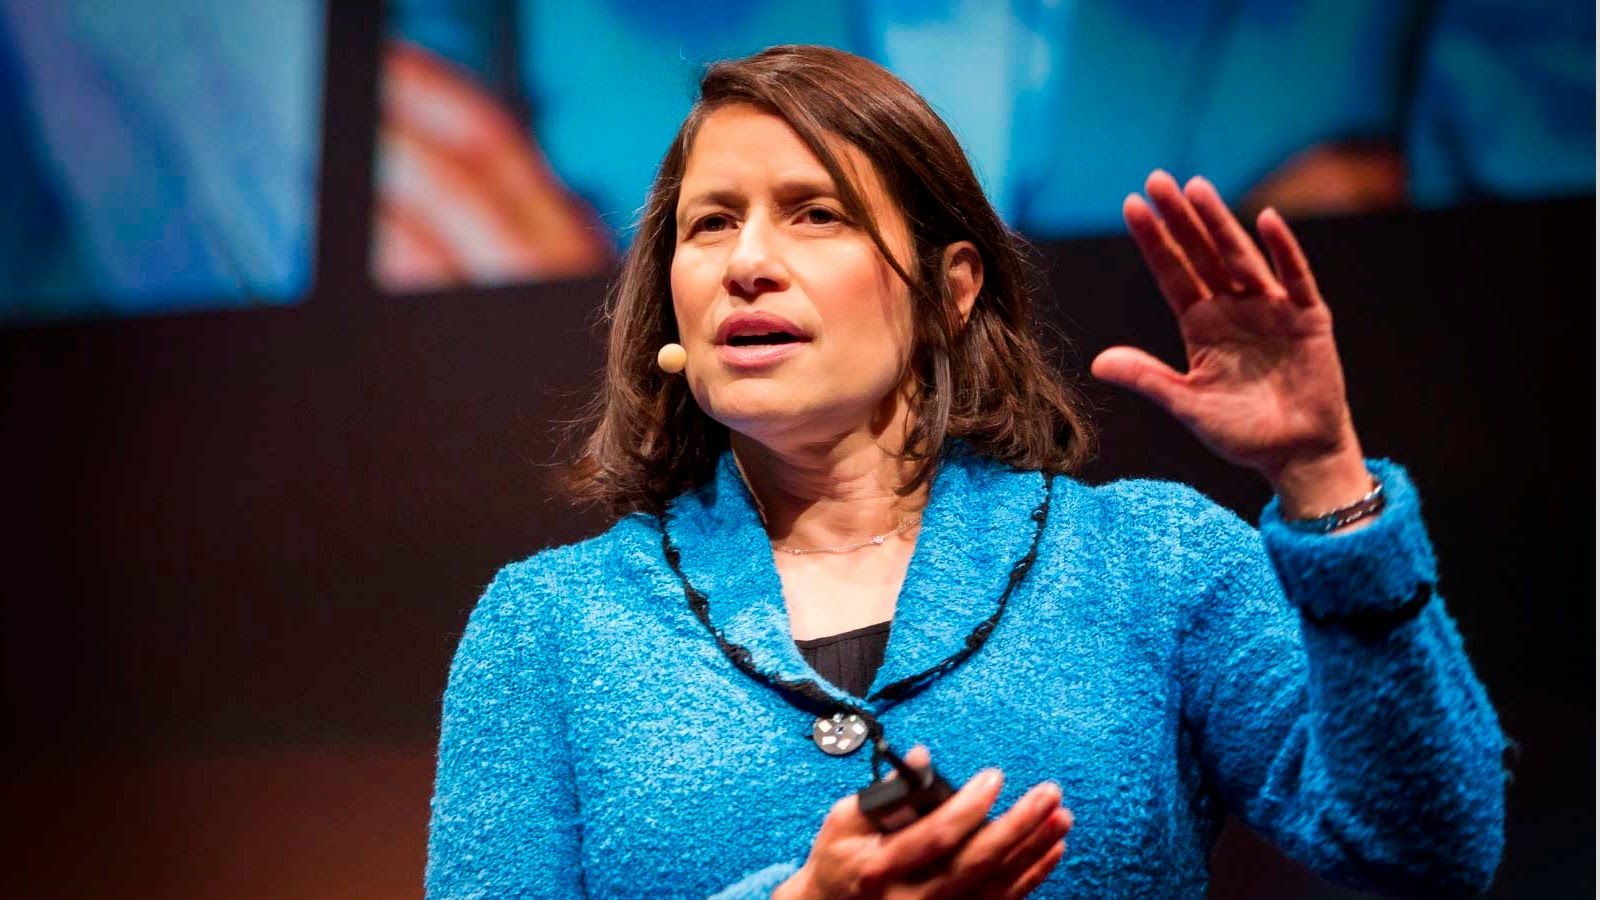 TED видео: Как стать великим лидером.